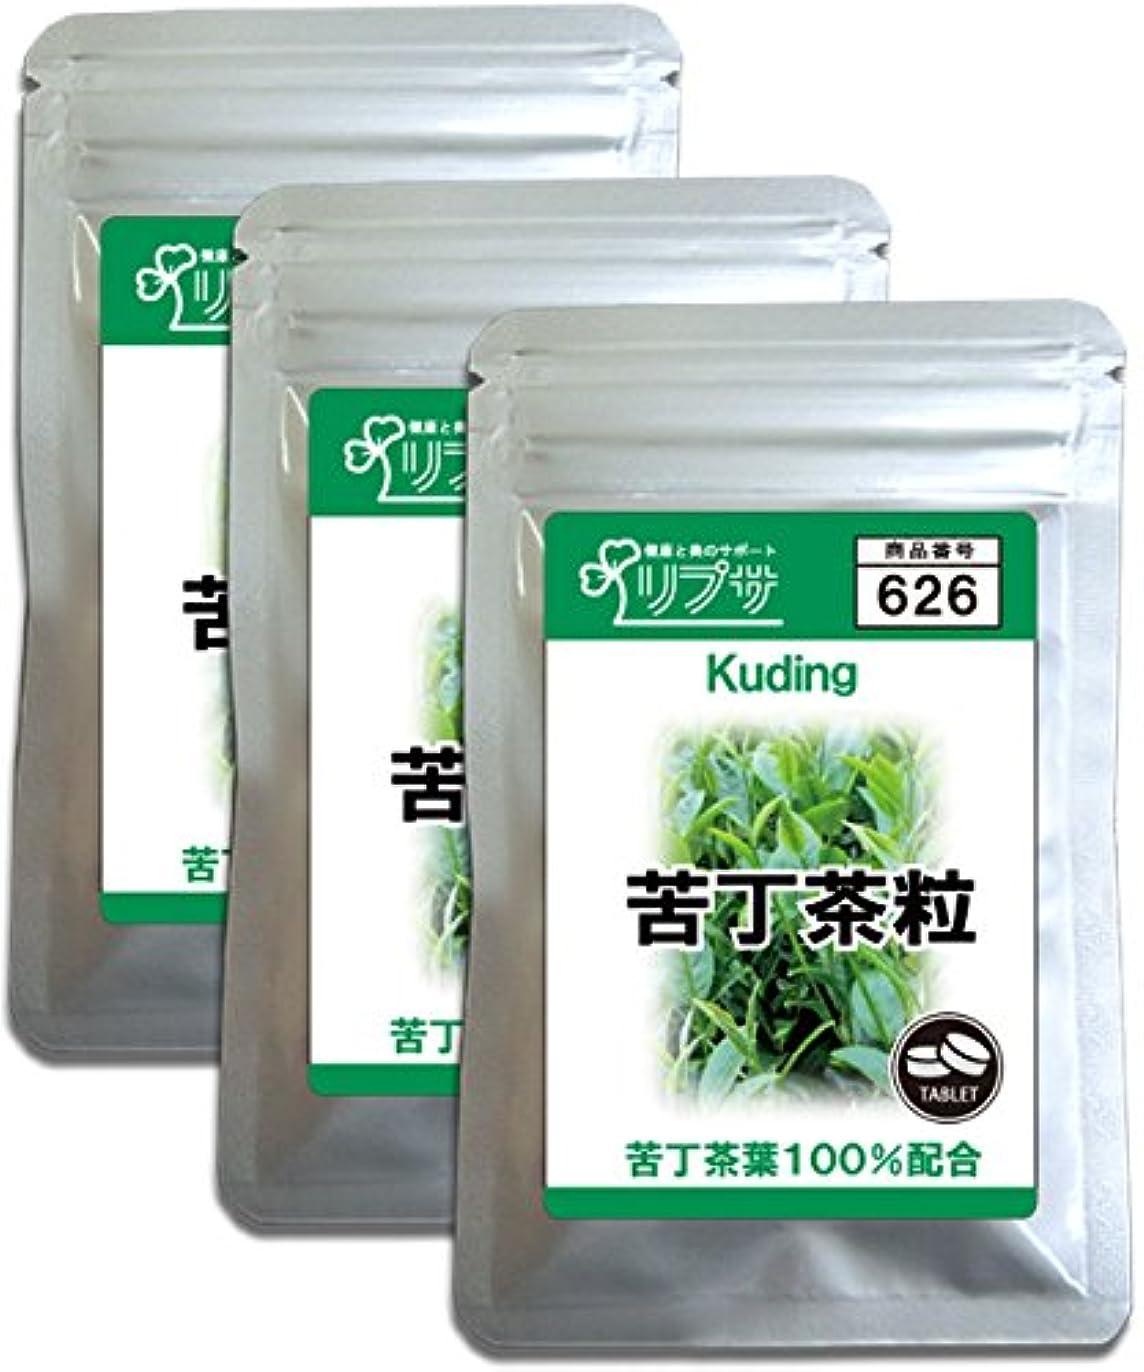 わかる清める交通渋滞苦丁茶粒 約1か月分×3袋 T-626-3